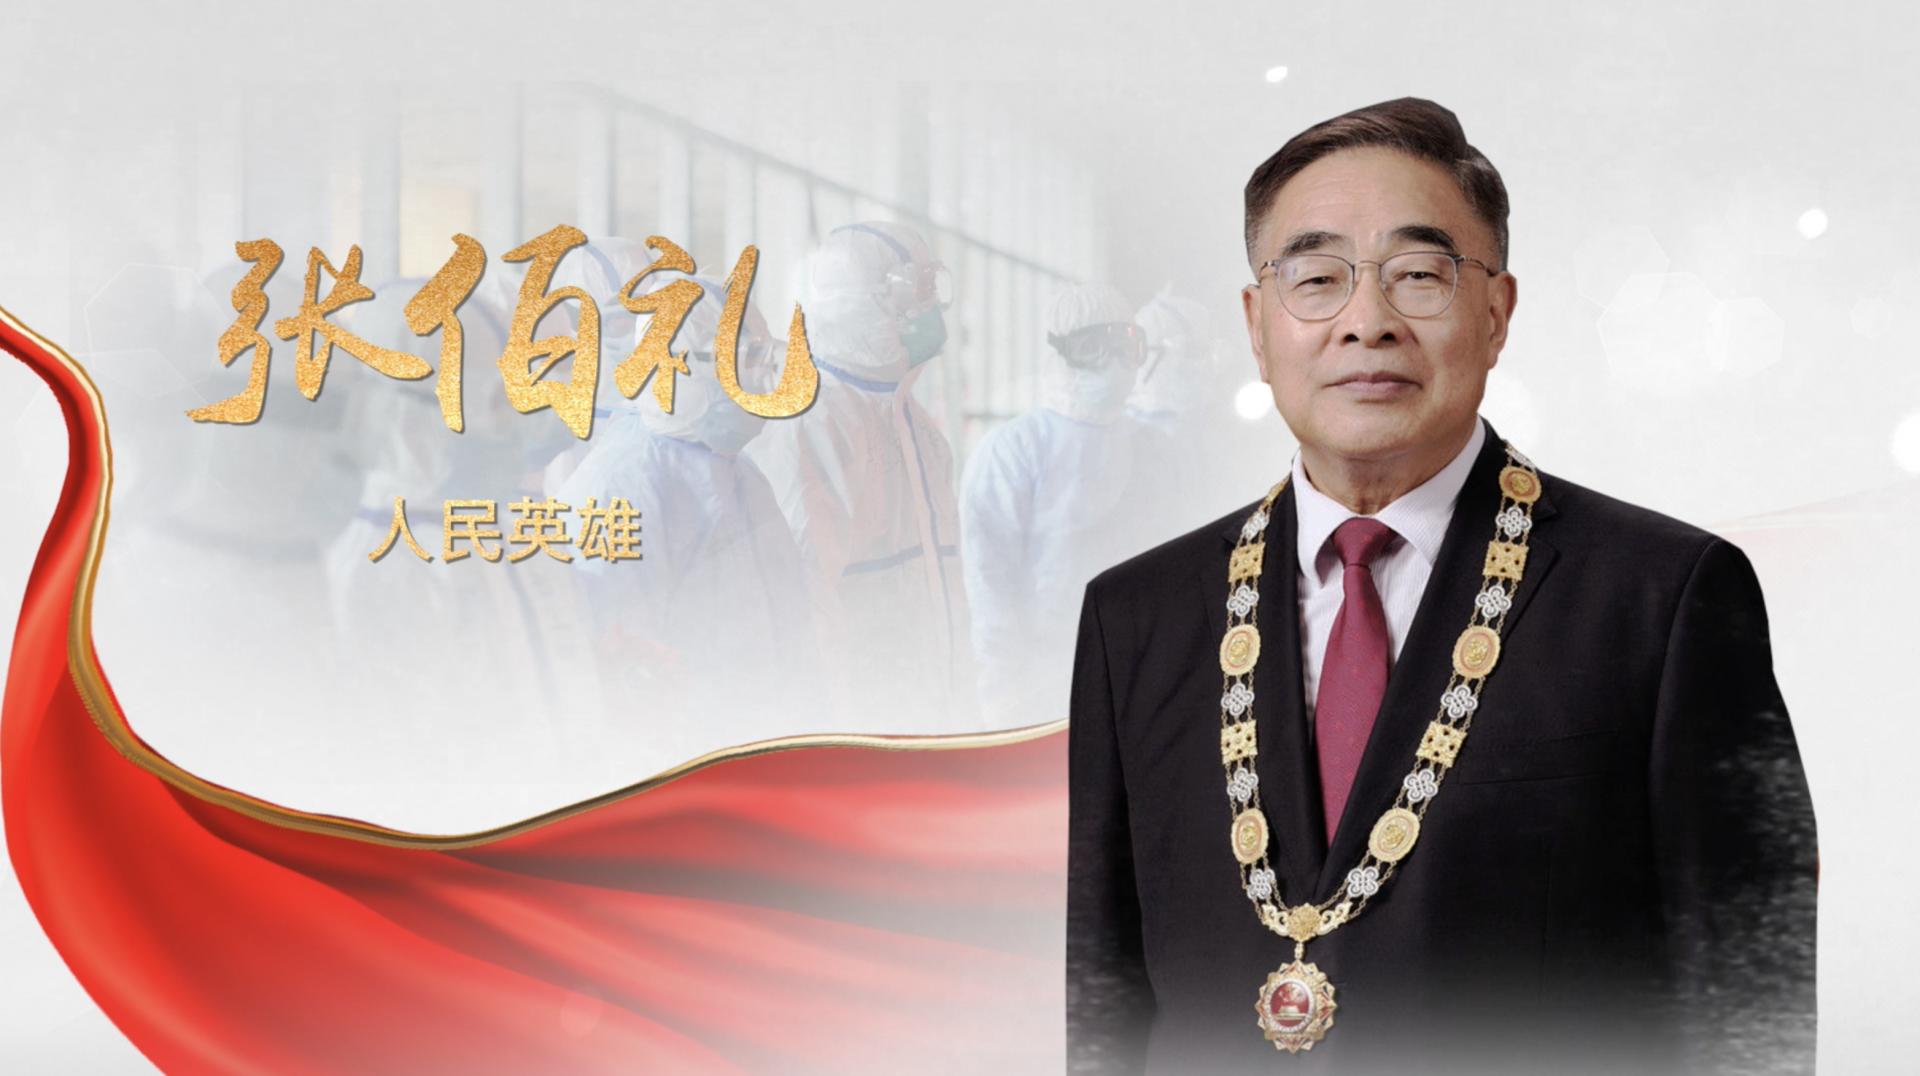 """《讲述·中国故事》第六集——""""人民英雄""""国家荣誉称号获得者张伯礼"""